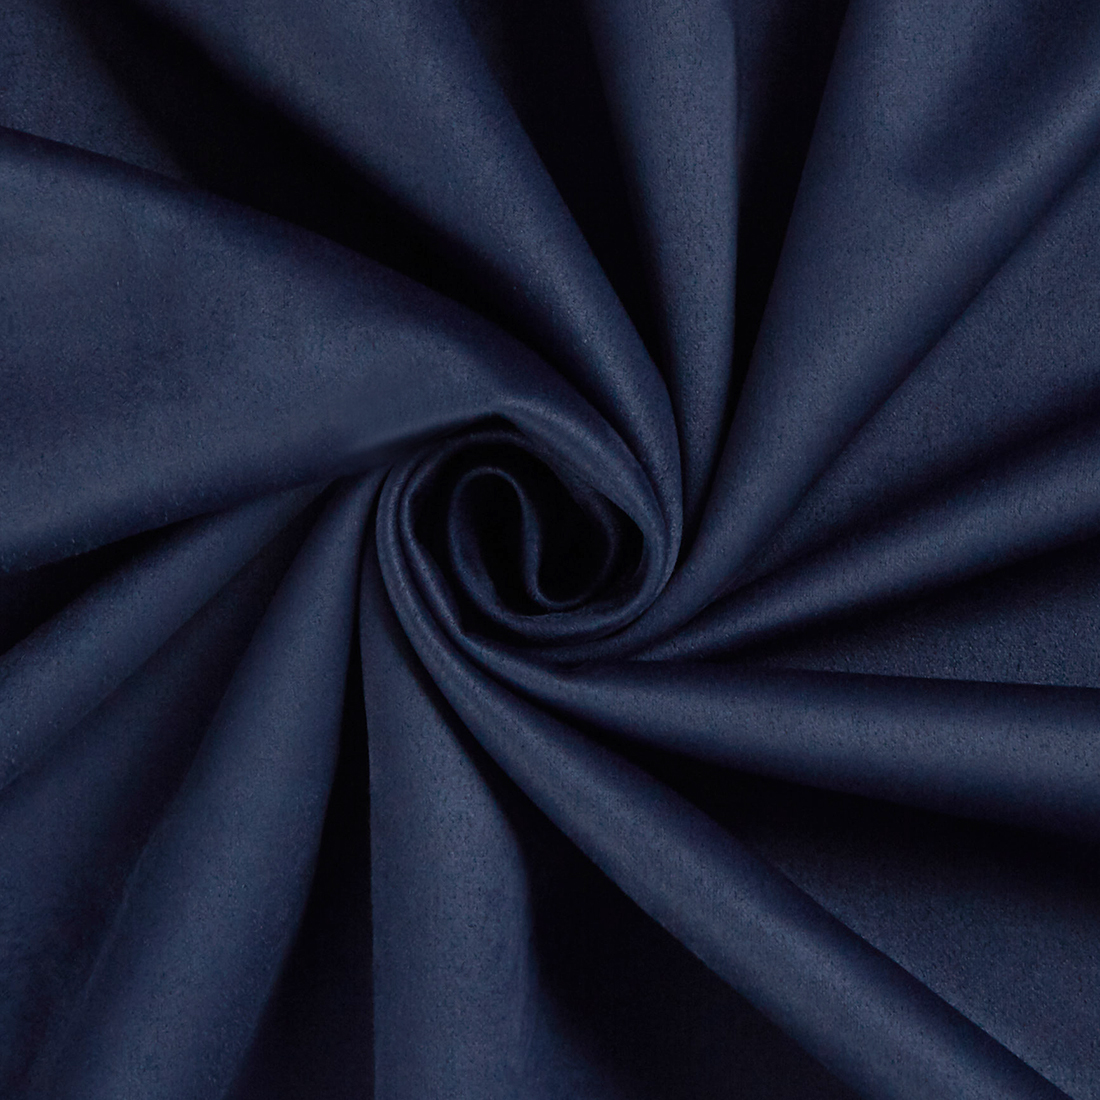 Scuba Suede Navy Fabric